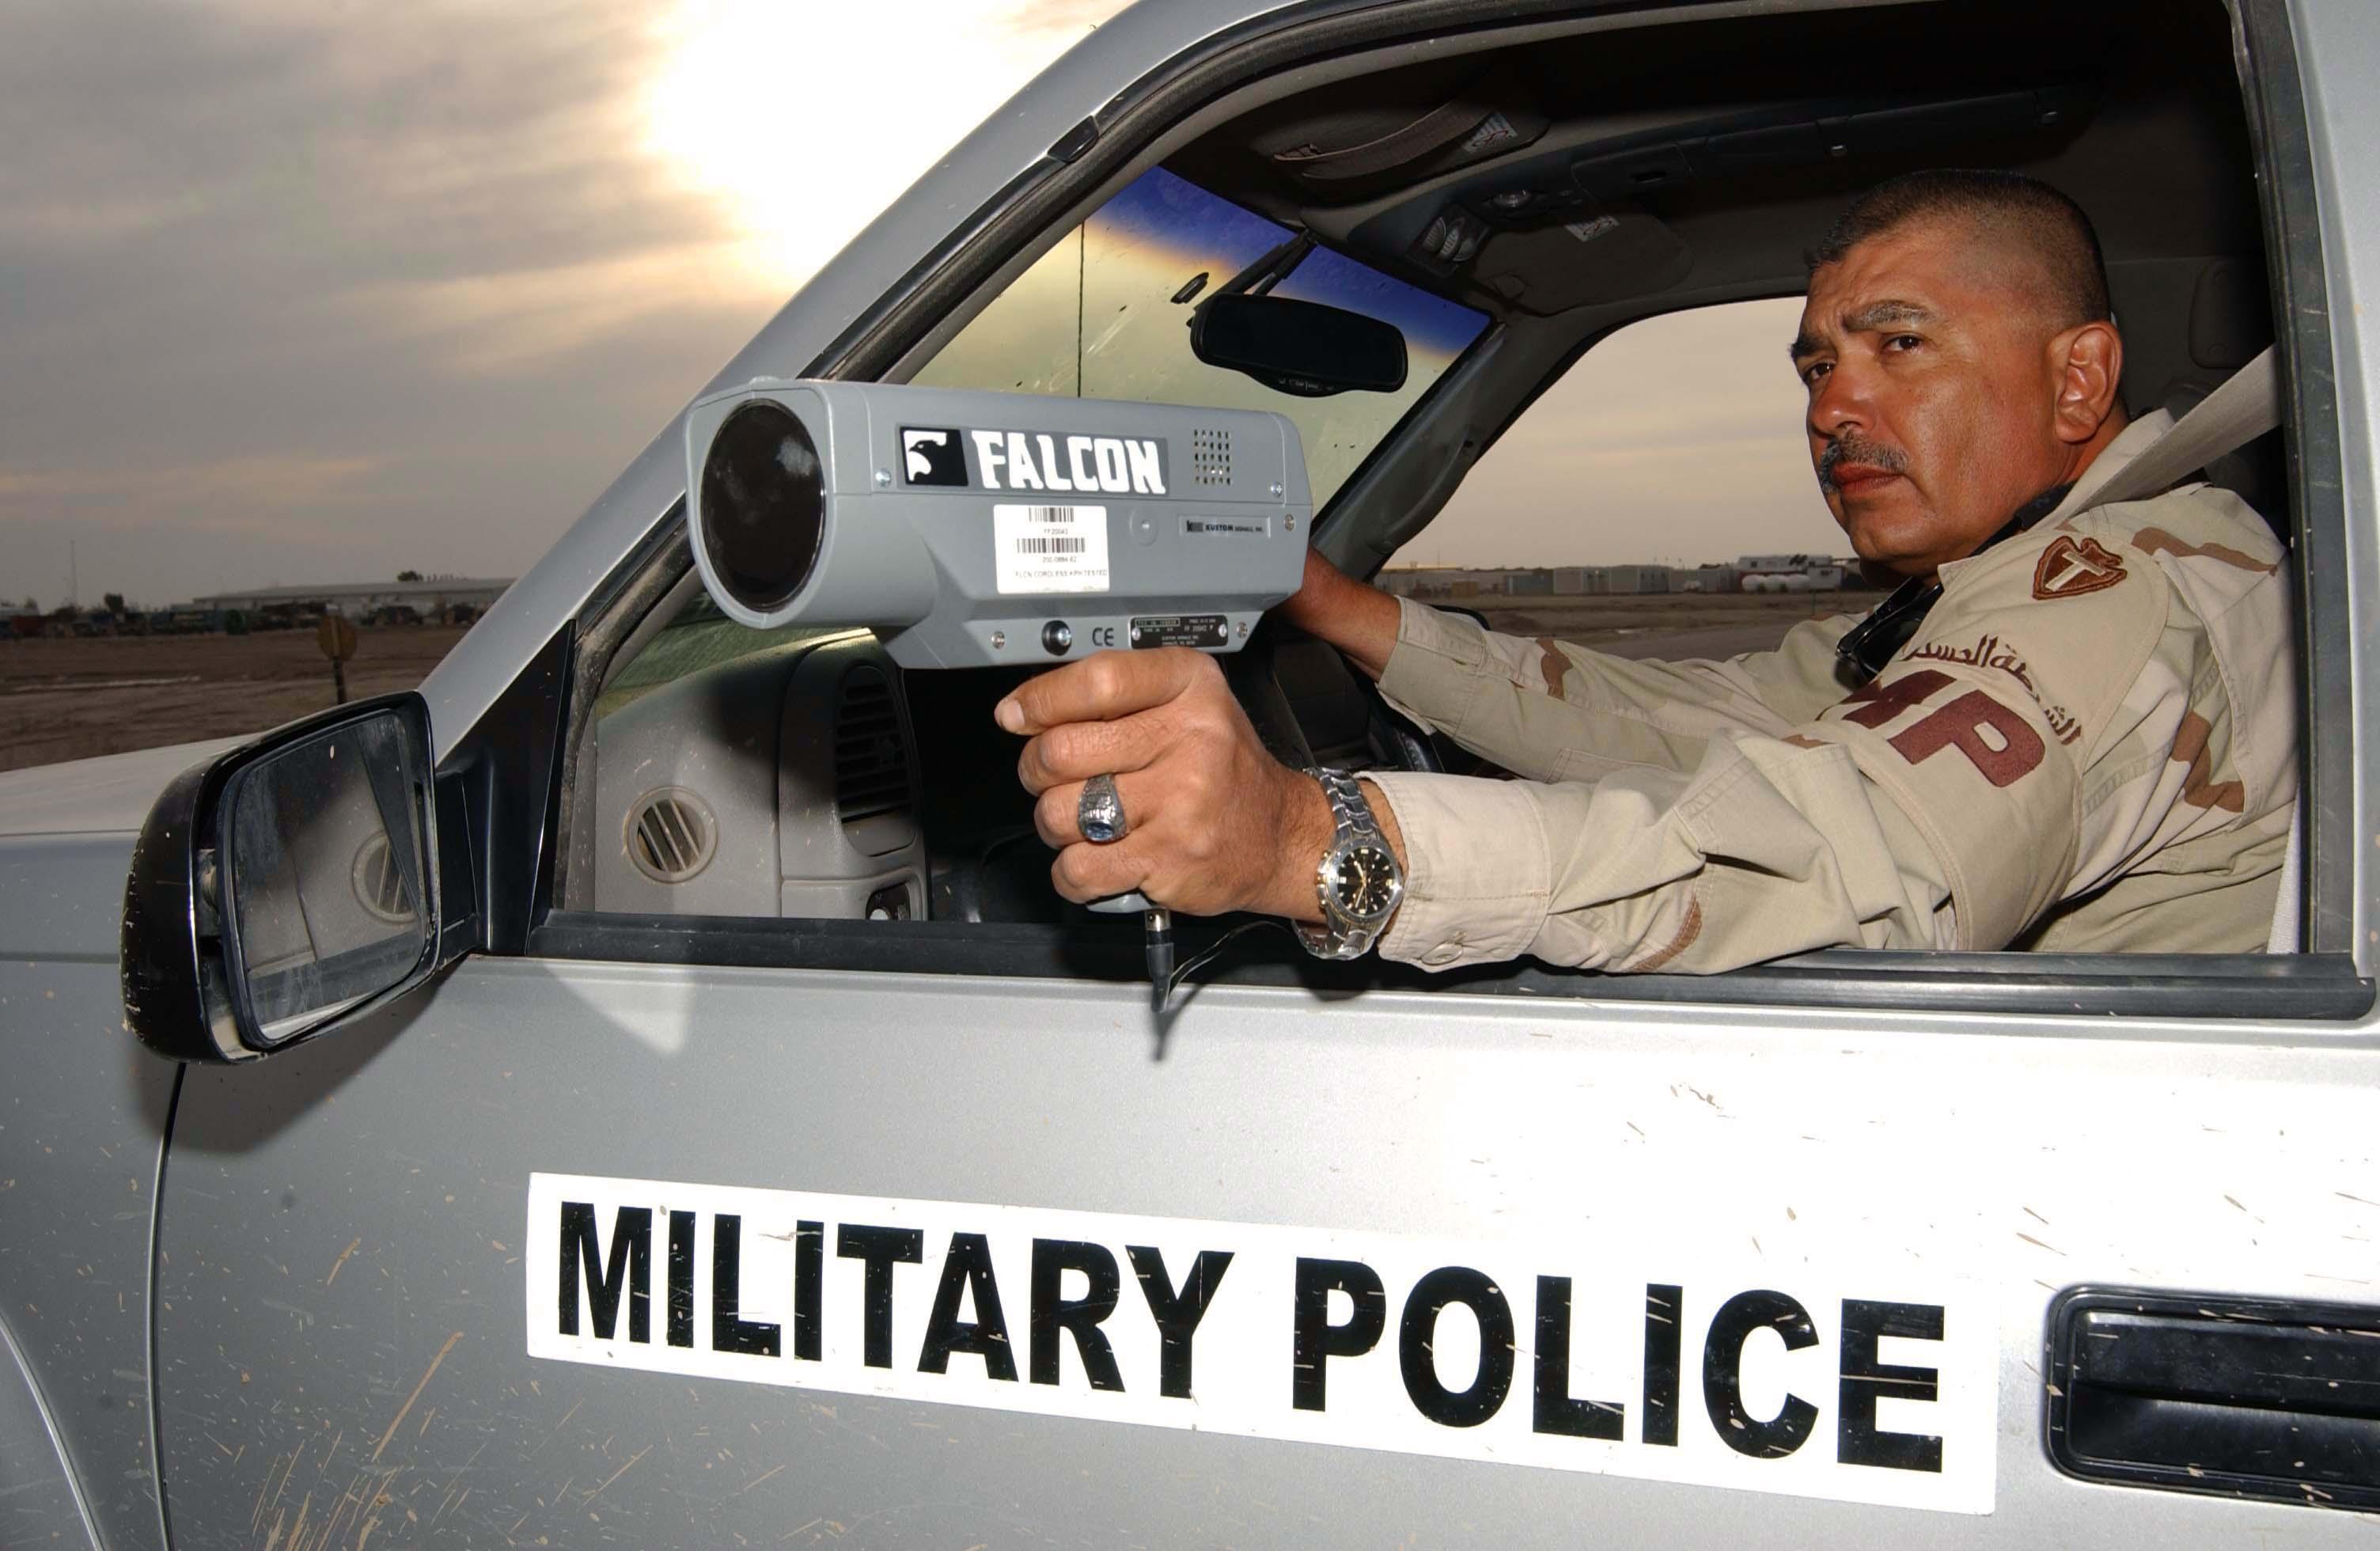 радары контроля за скоростью автомобилей